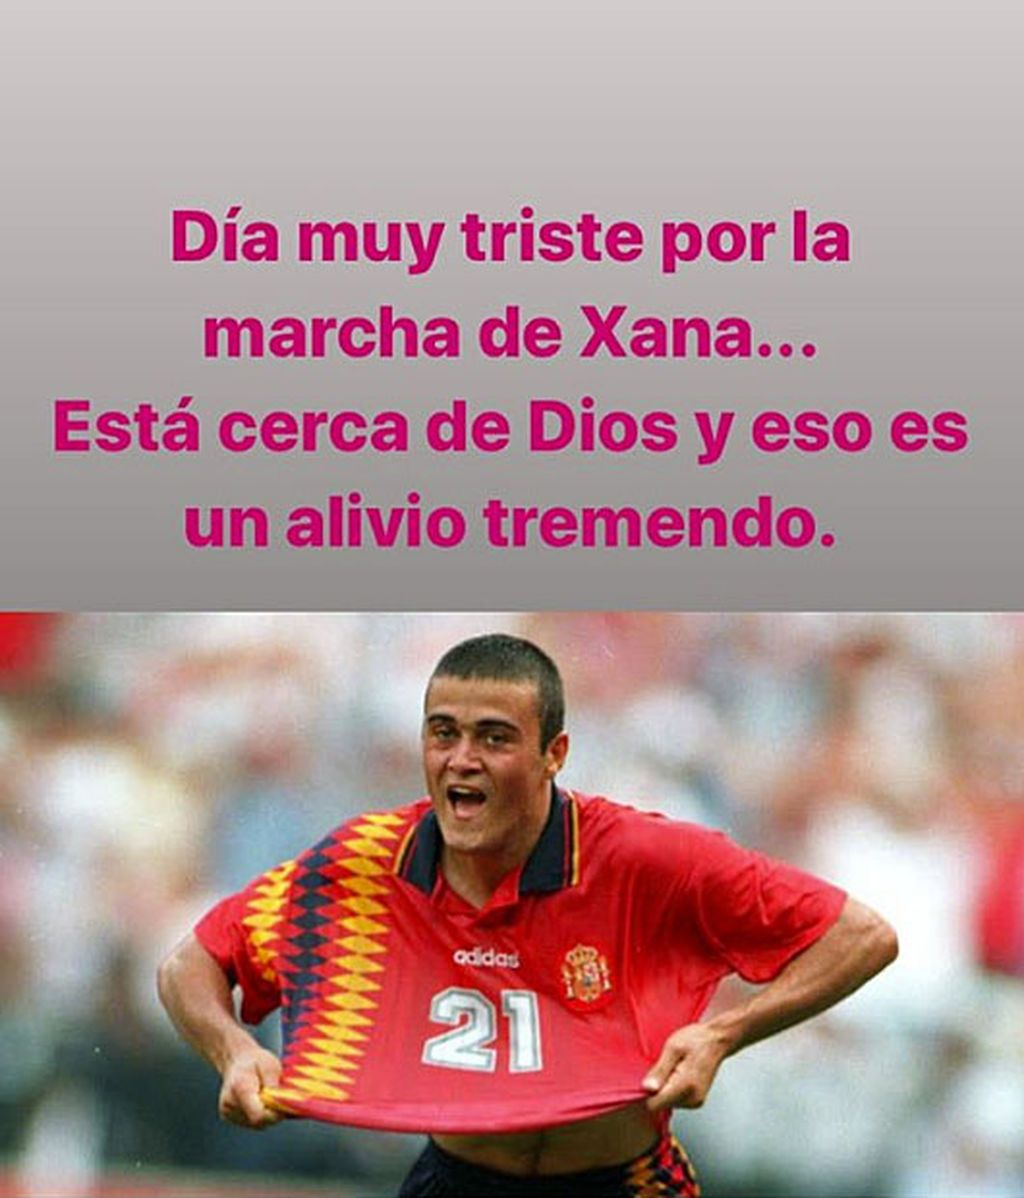 El mensaje de Cañizares a Luis Enrique tras el fallecimiento de Xana.